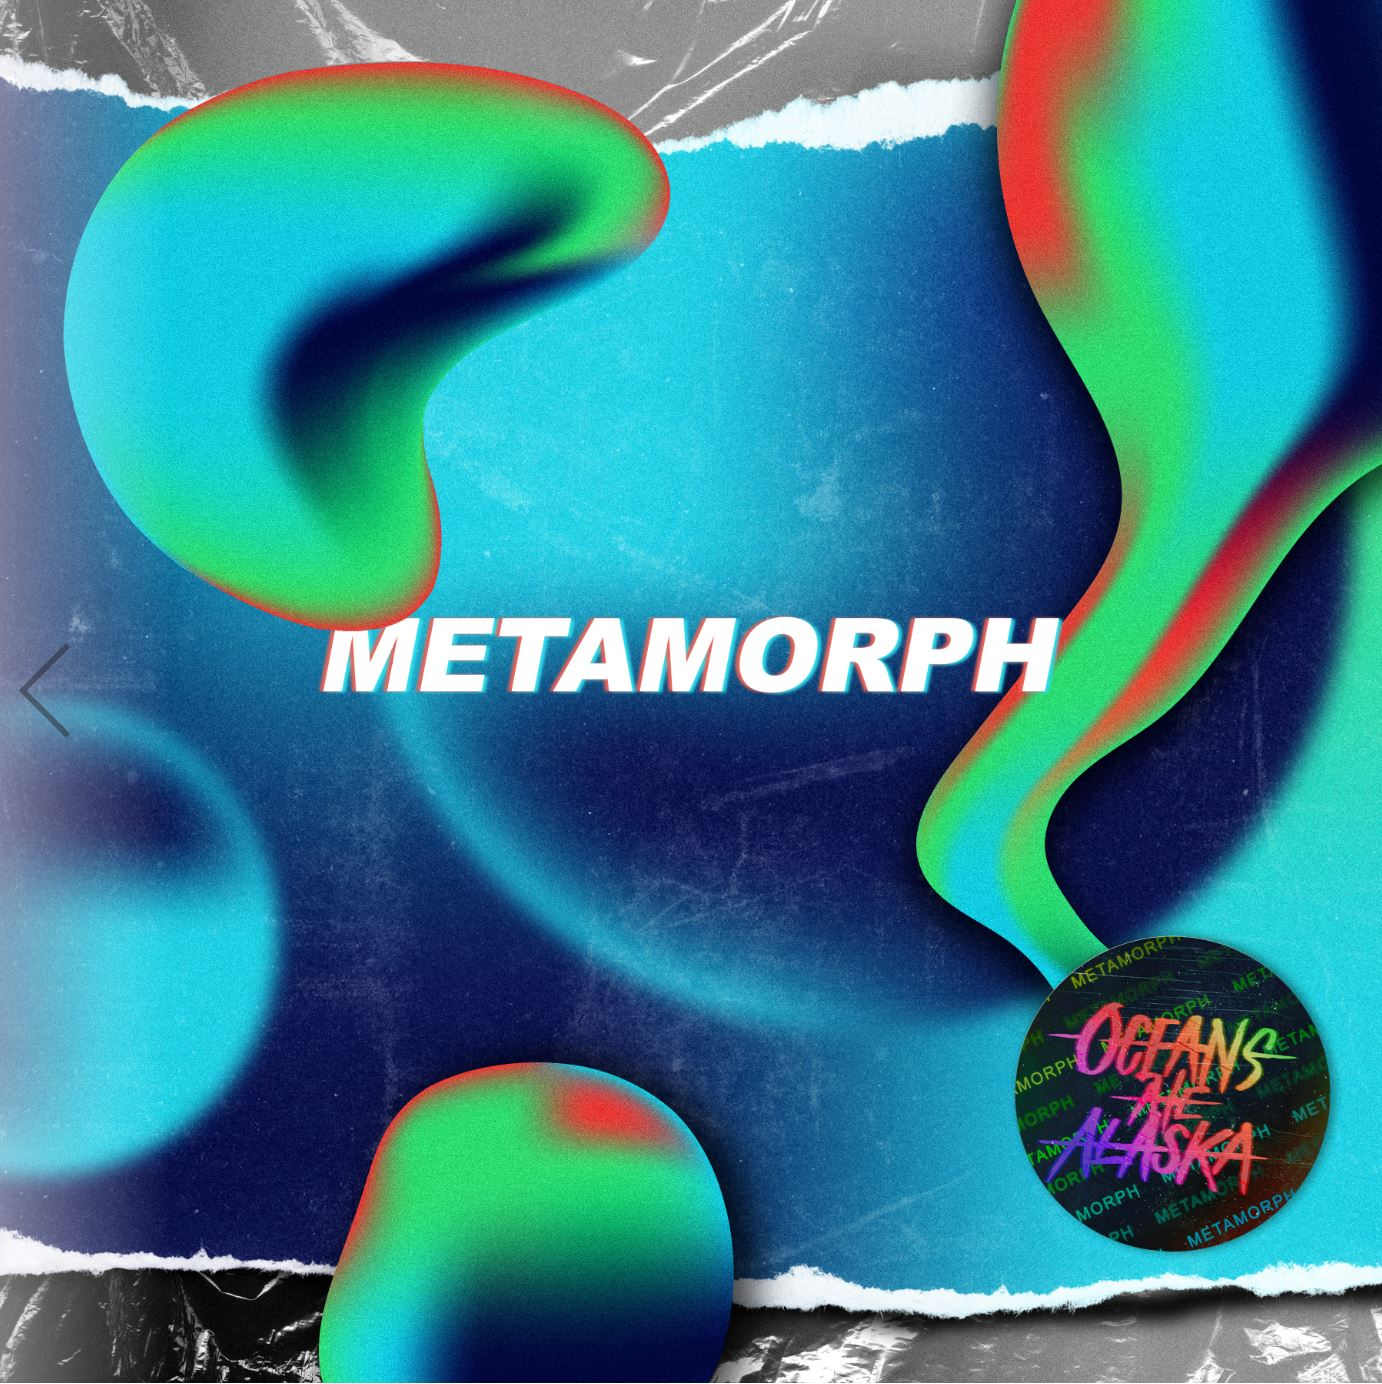 Metamorph Image